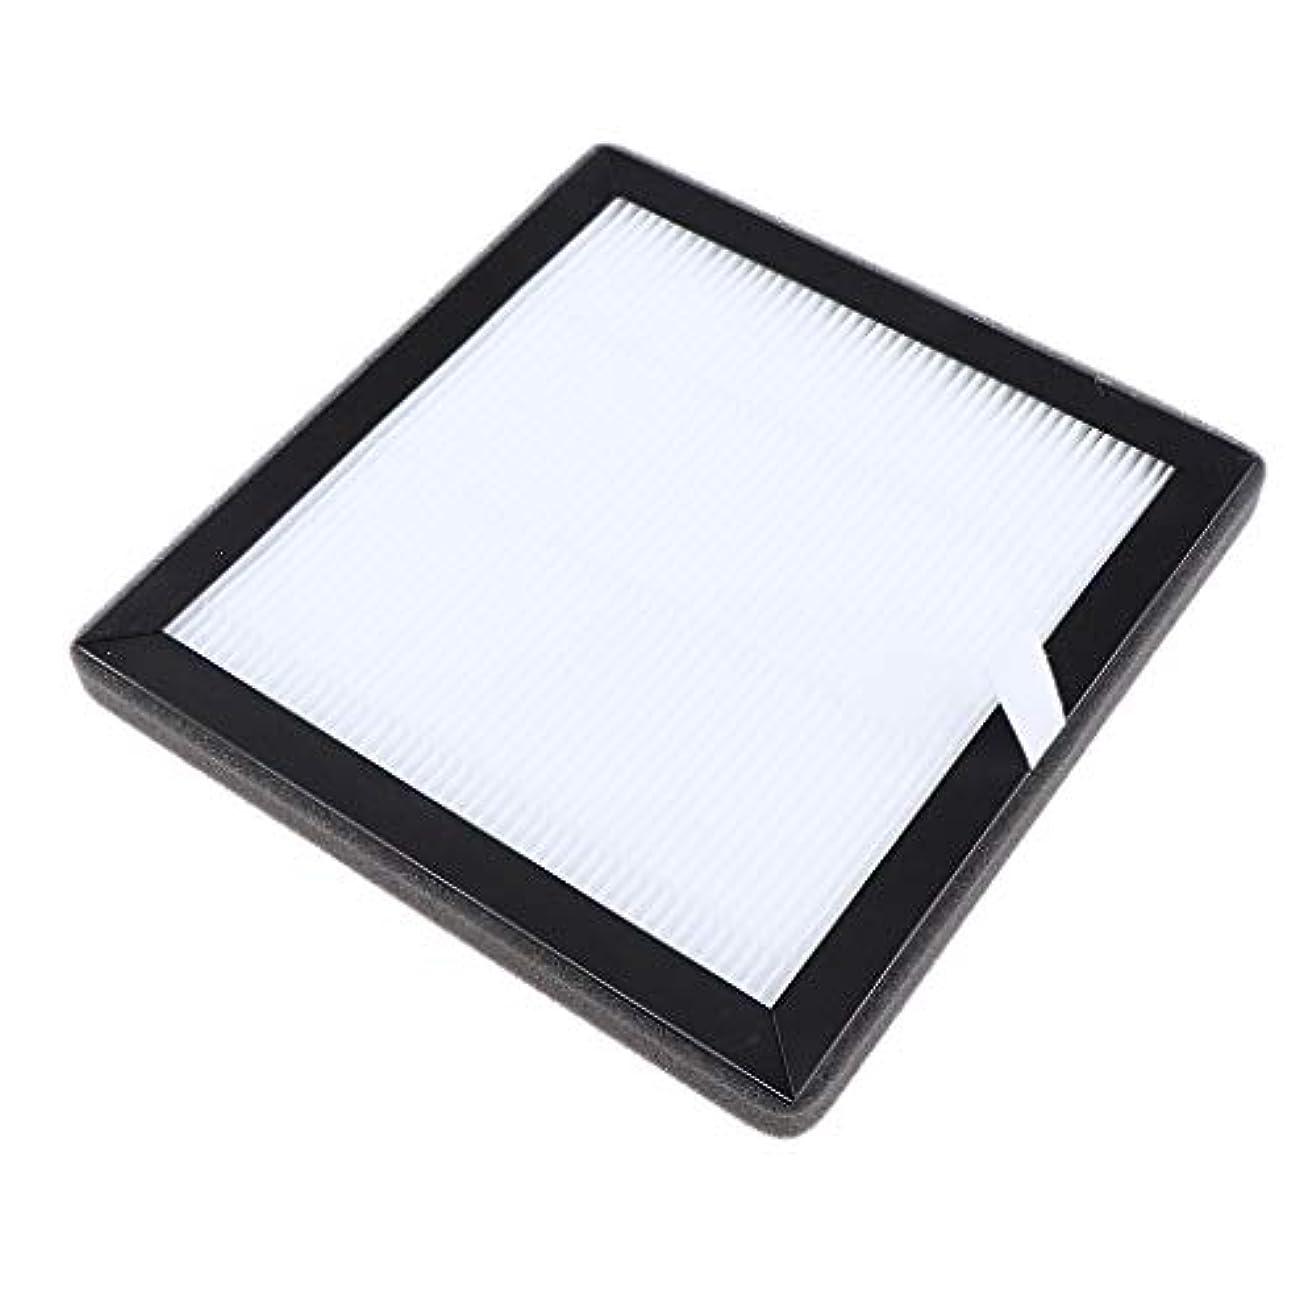 動く上下する無駄な60Wネイルアートダスト真空吸引コレクターのための流出しないフィルターファンスクリーン